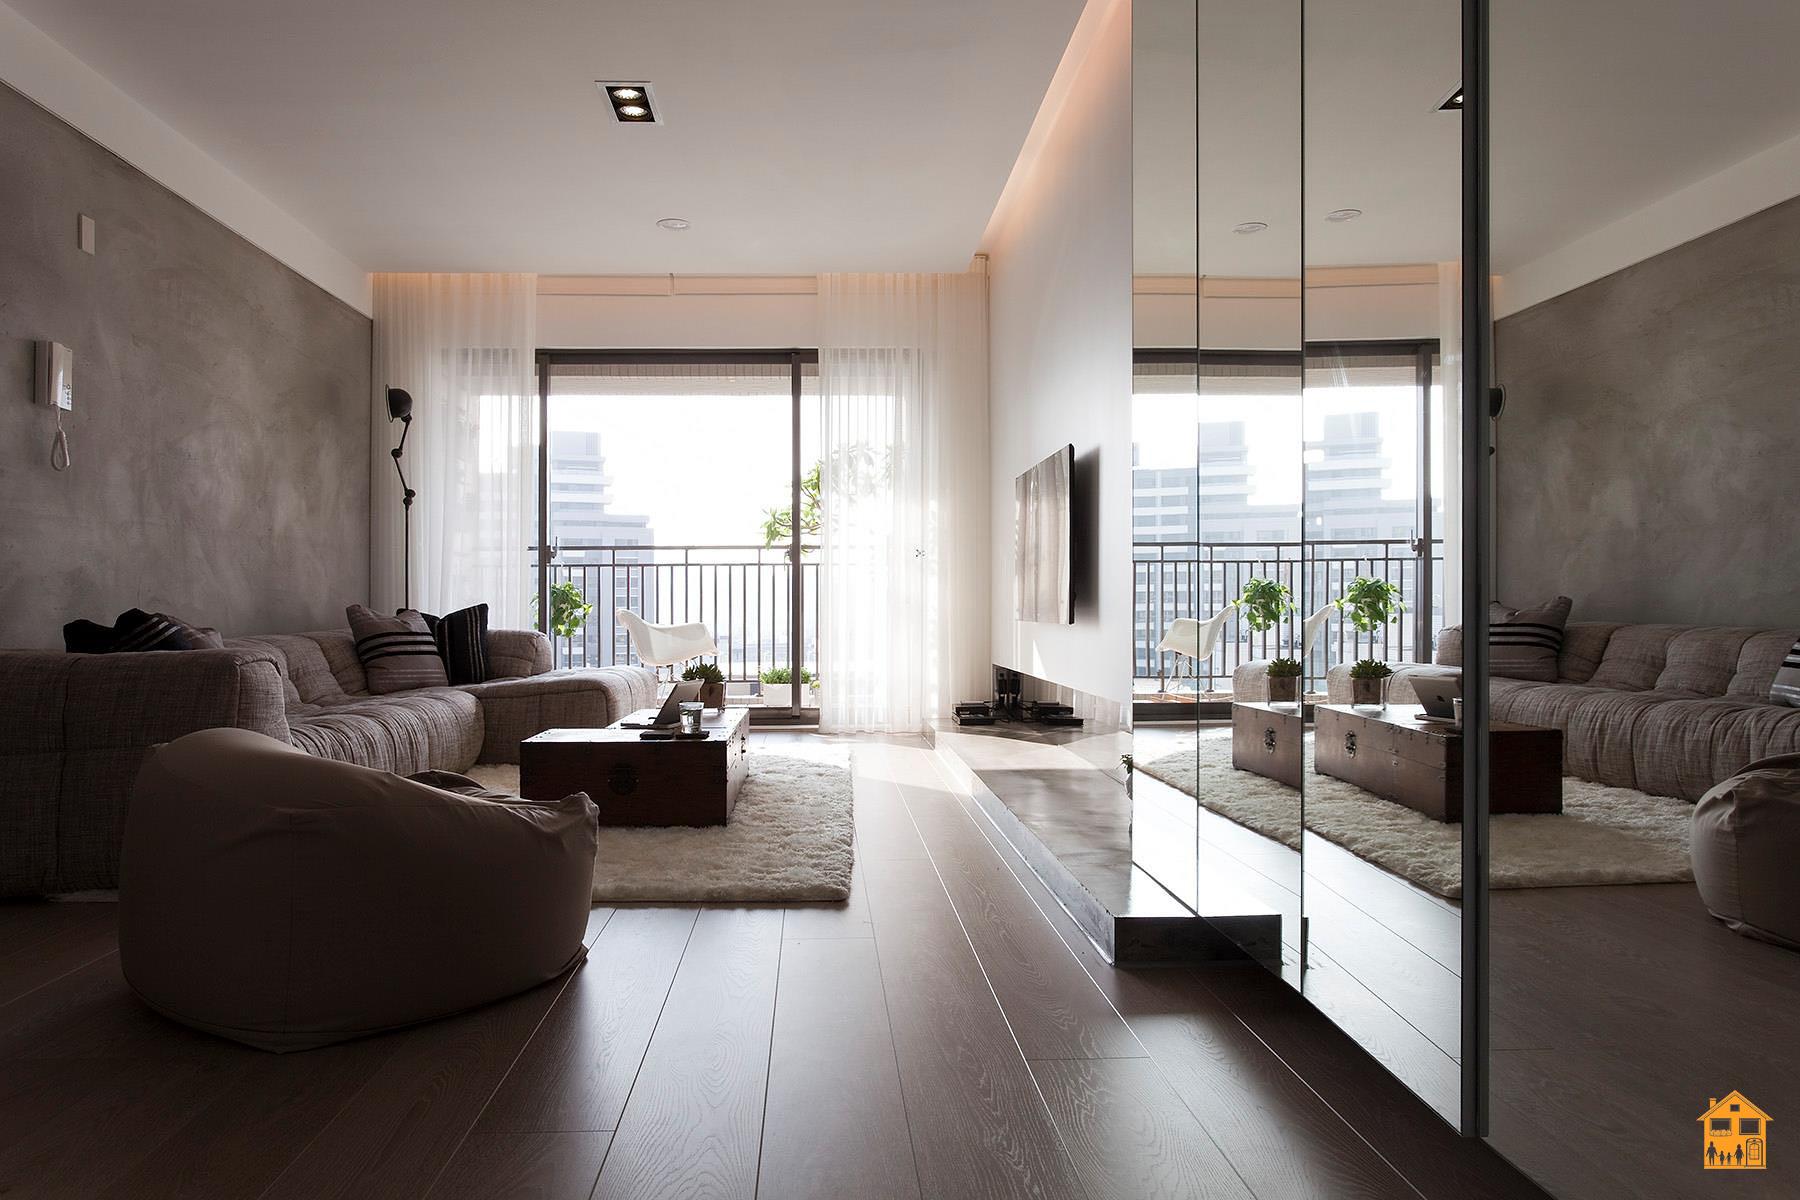 интерьер зала в минимализме фото